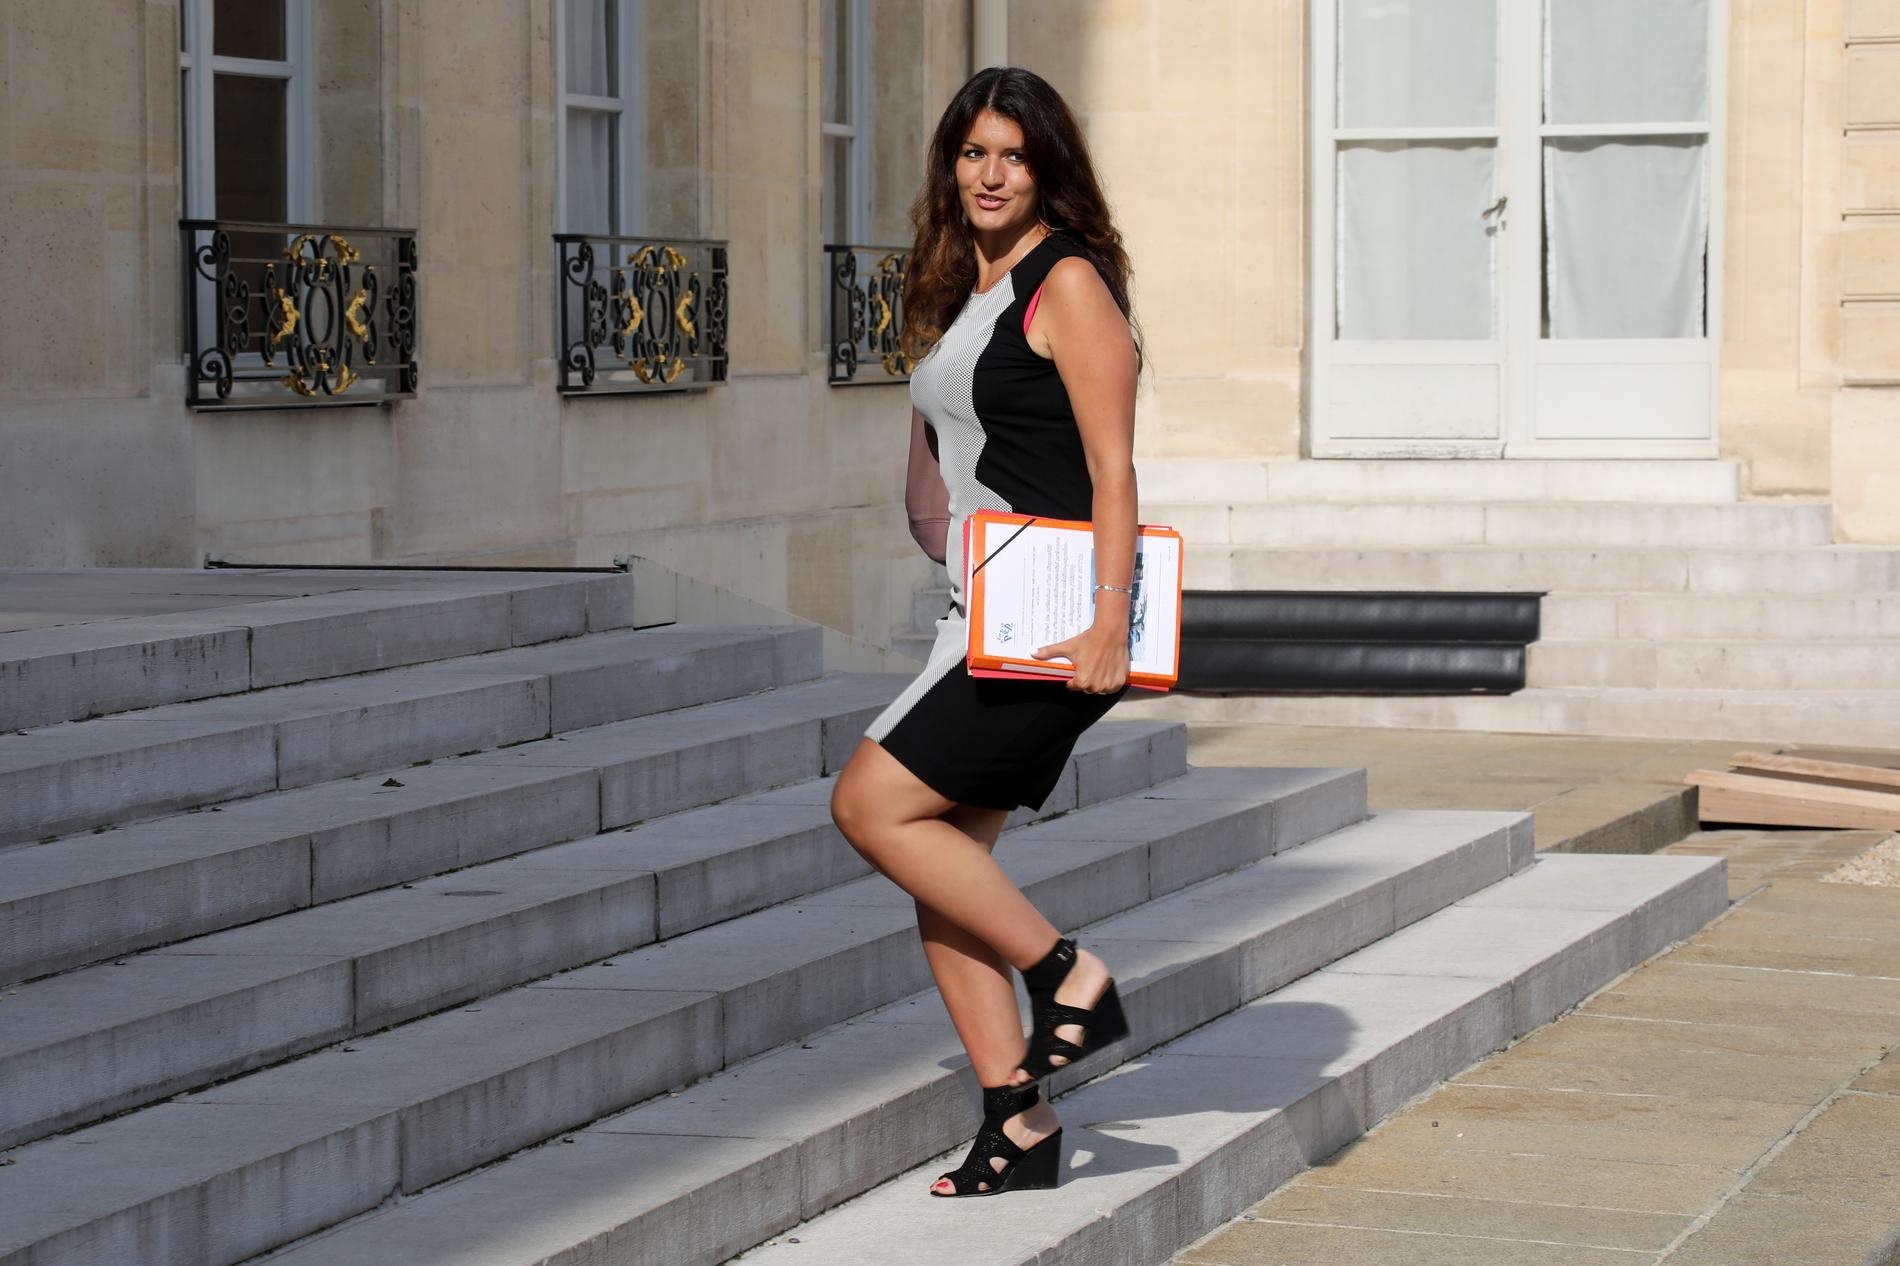 Son changement de look pour la bonne cause — Marlène Schiappa